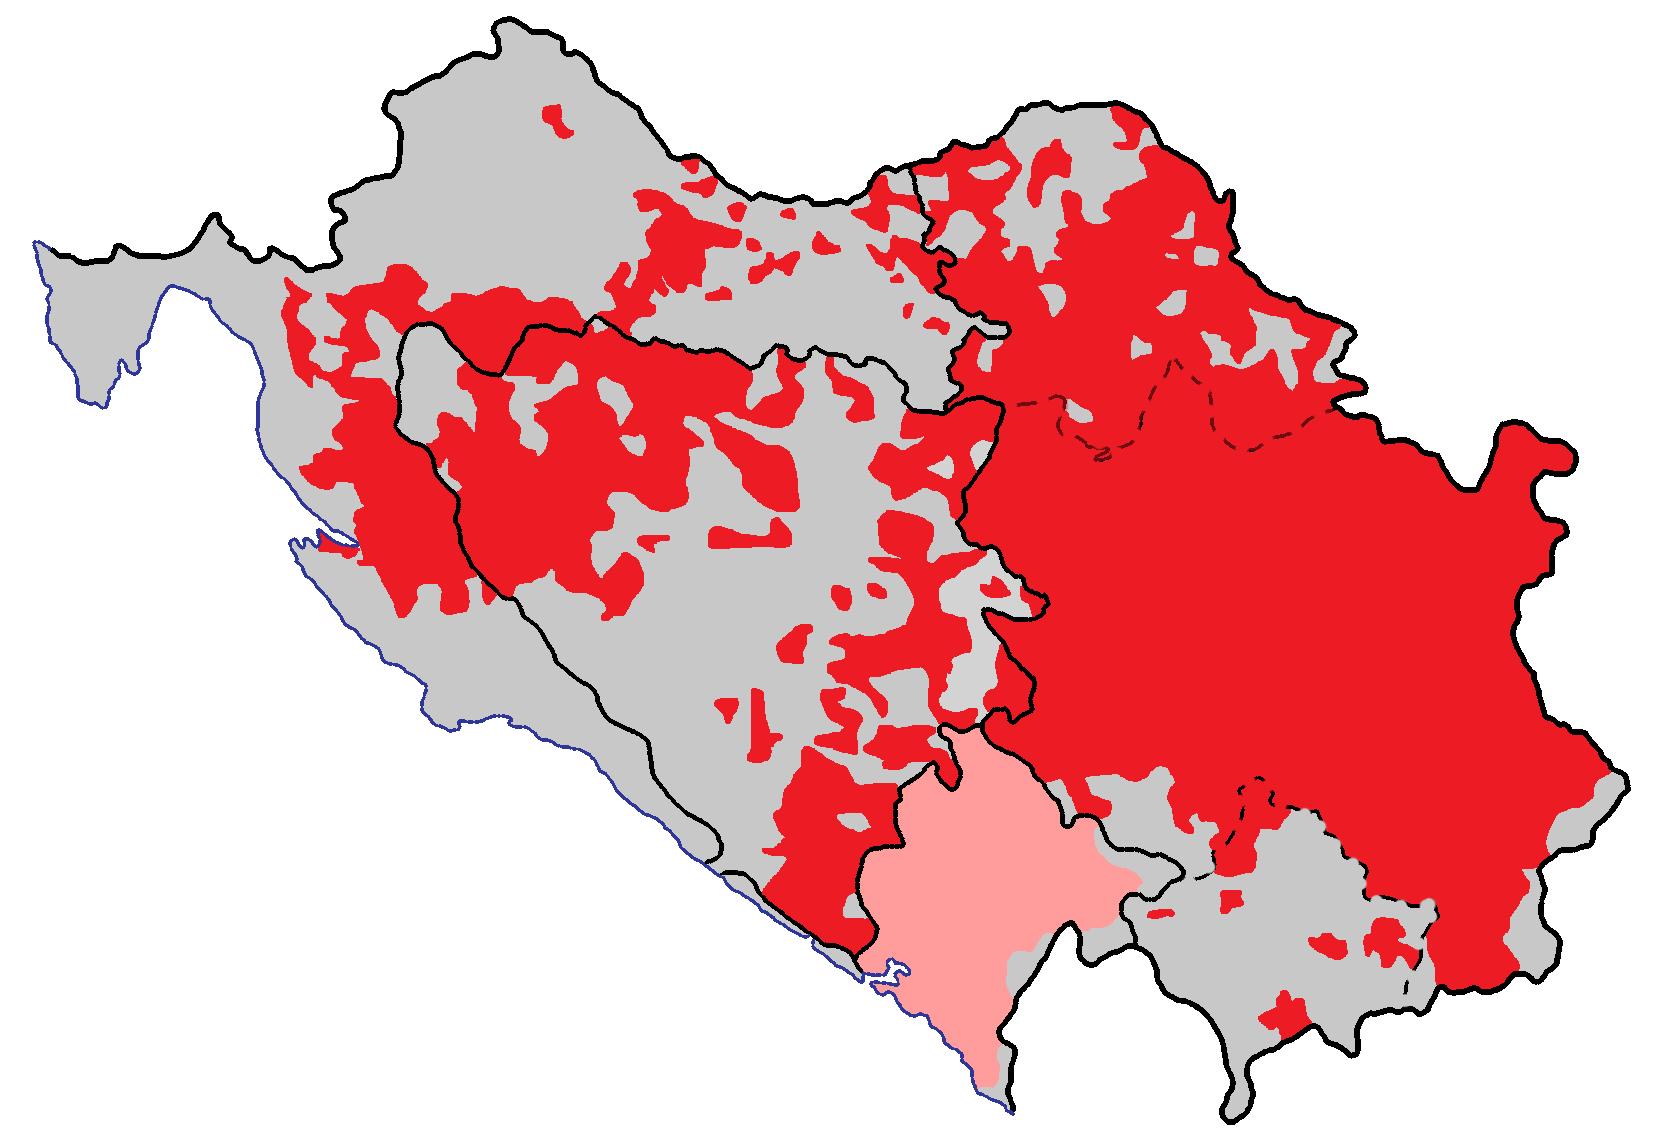 Земли современной украины входили преимущественно в 5 главных княжеств (мелких и мне важным, как турово-пинского, не будем касаться)